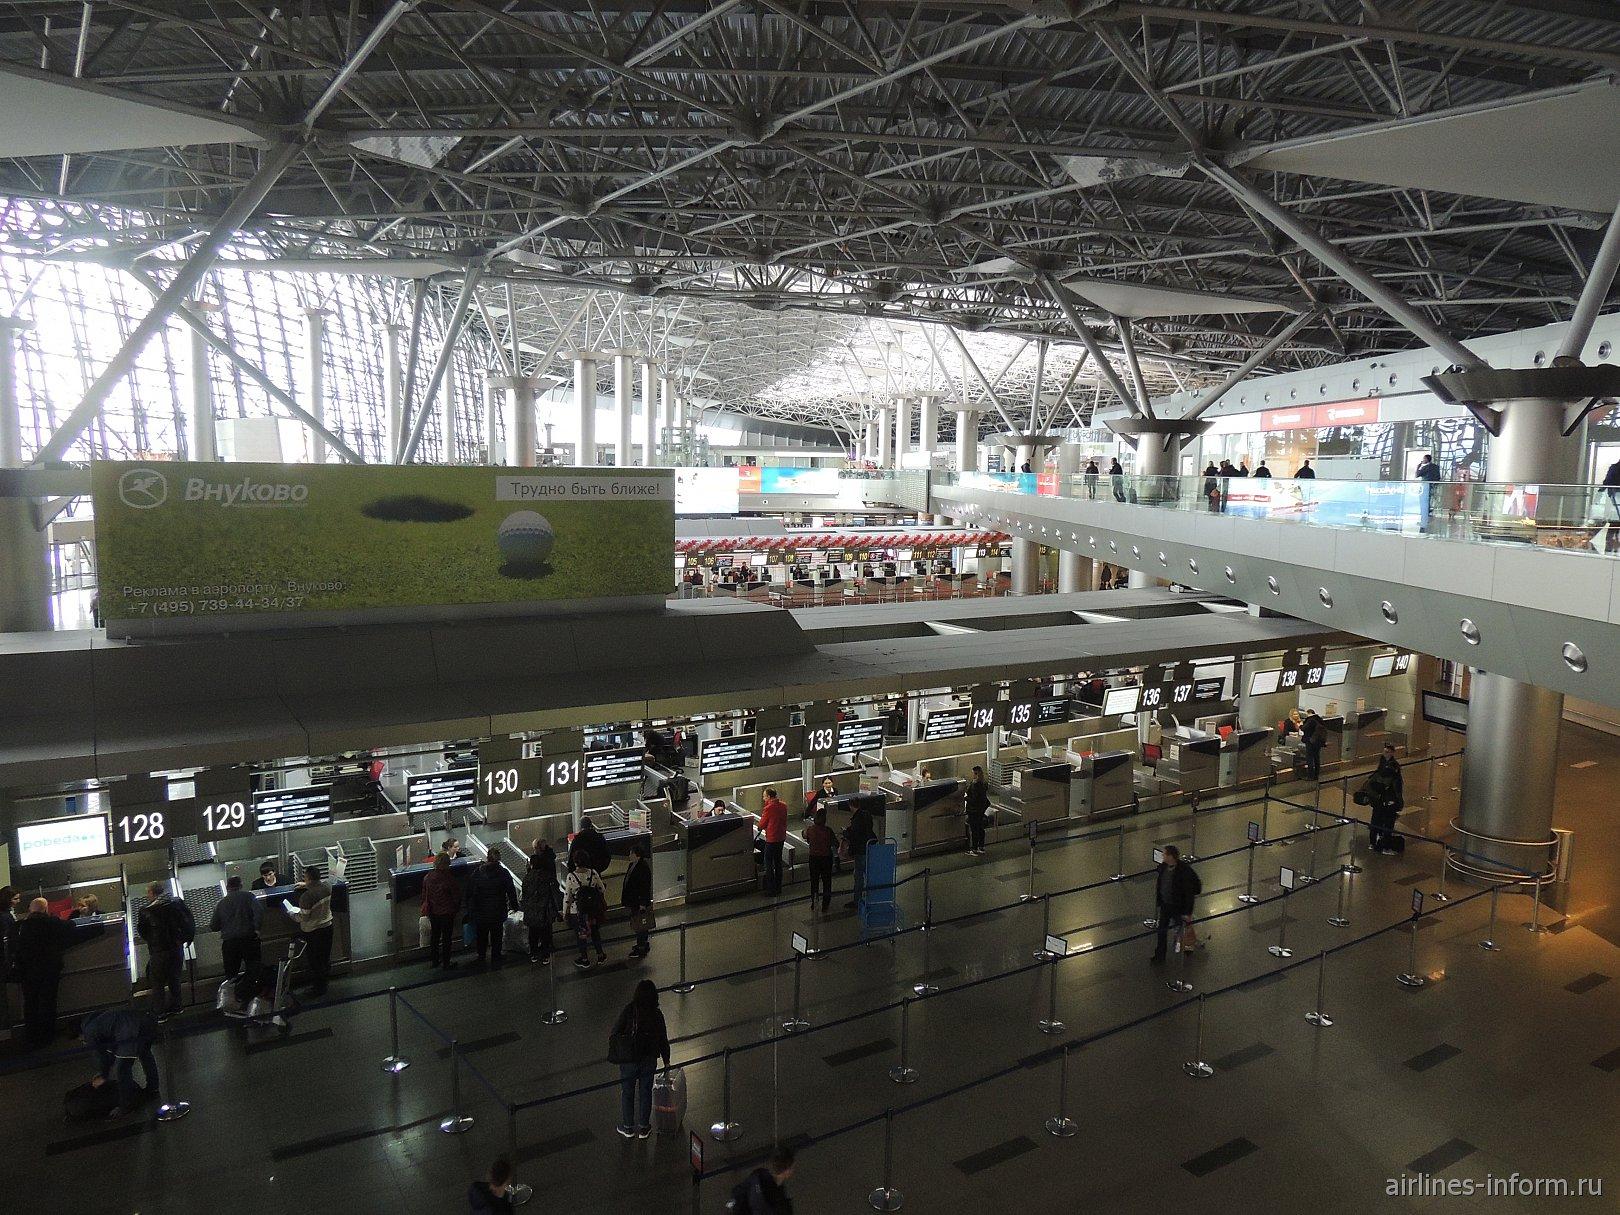 Зона регистрации в терминале А аэропорта Внуково